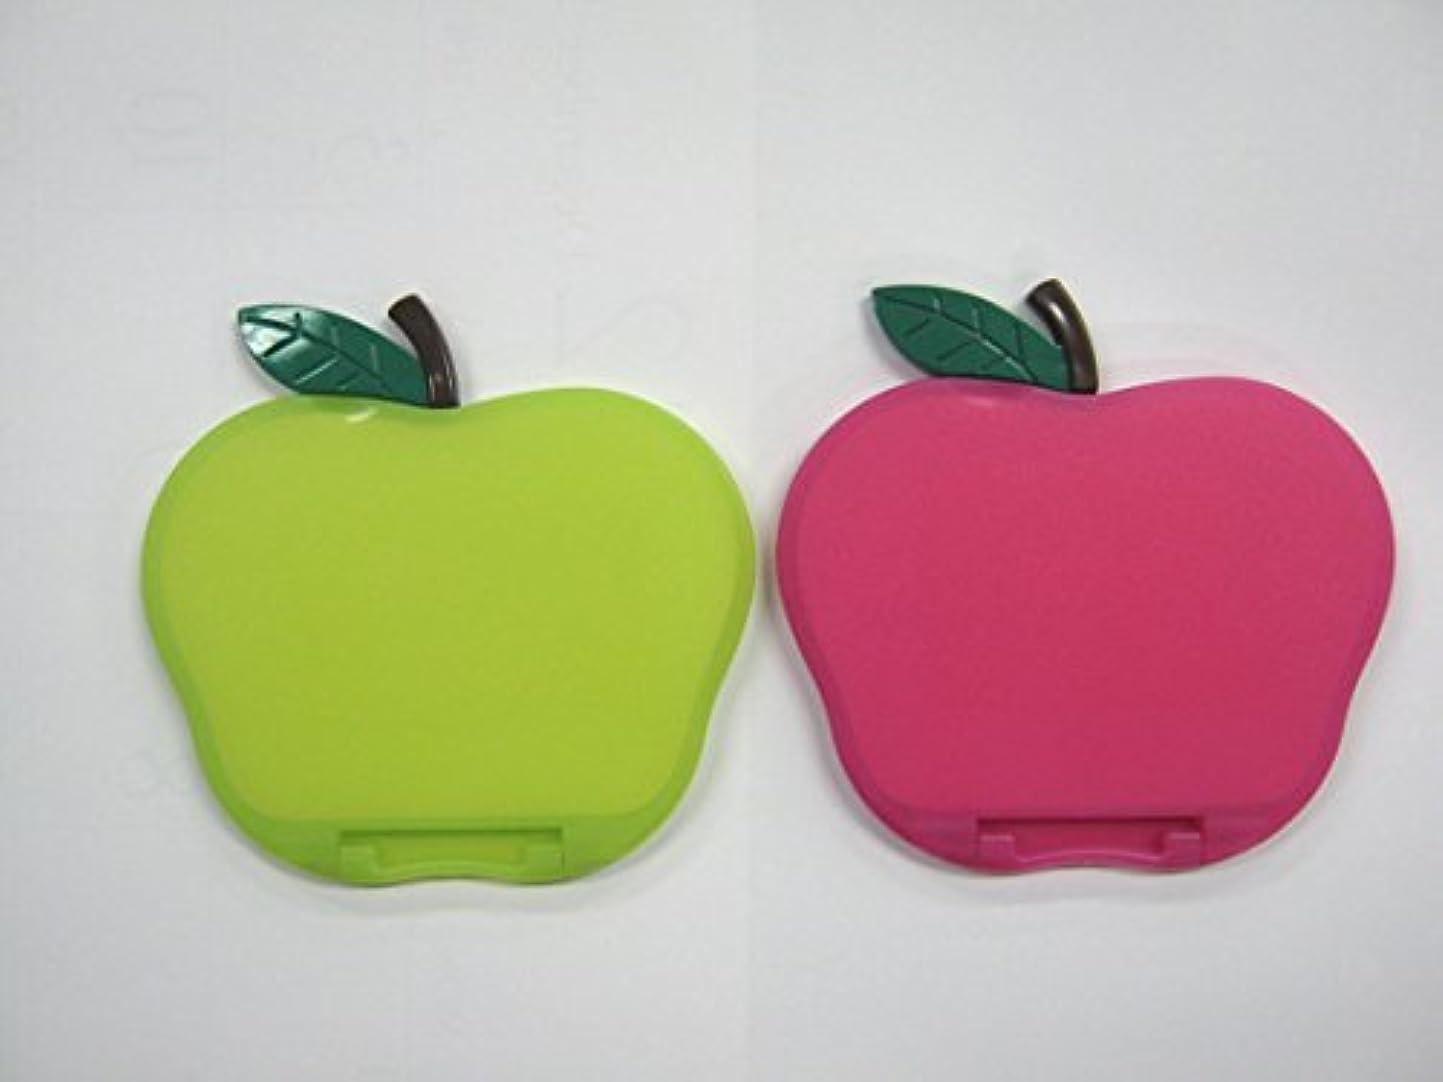 揮発性バウンス列挙するリンゴ型コンパクトミラー カラー:ピンク、グリーン AP580 (グリーン)